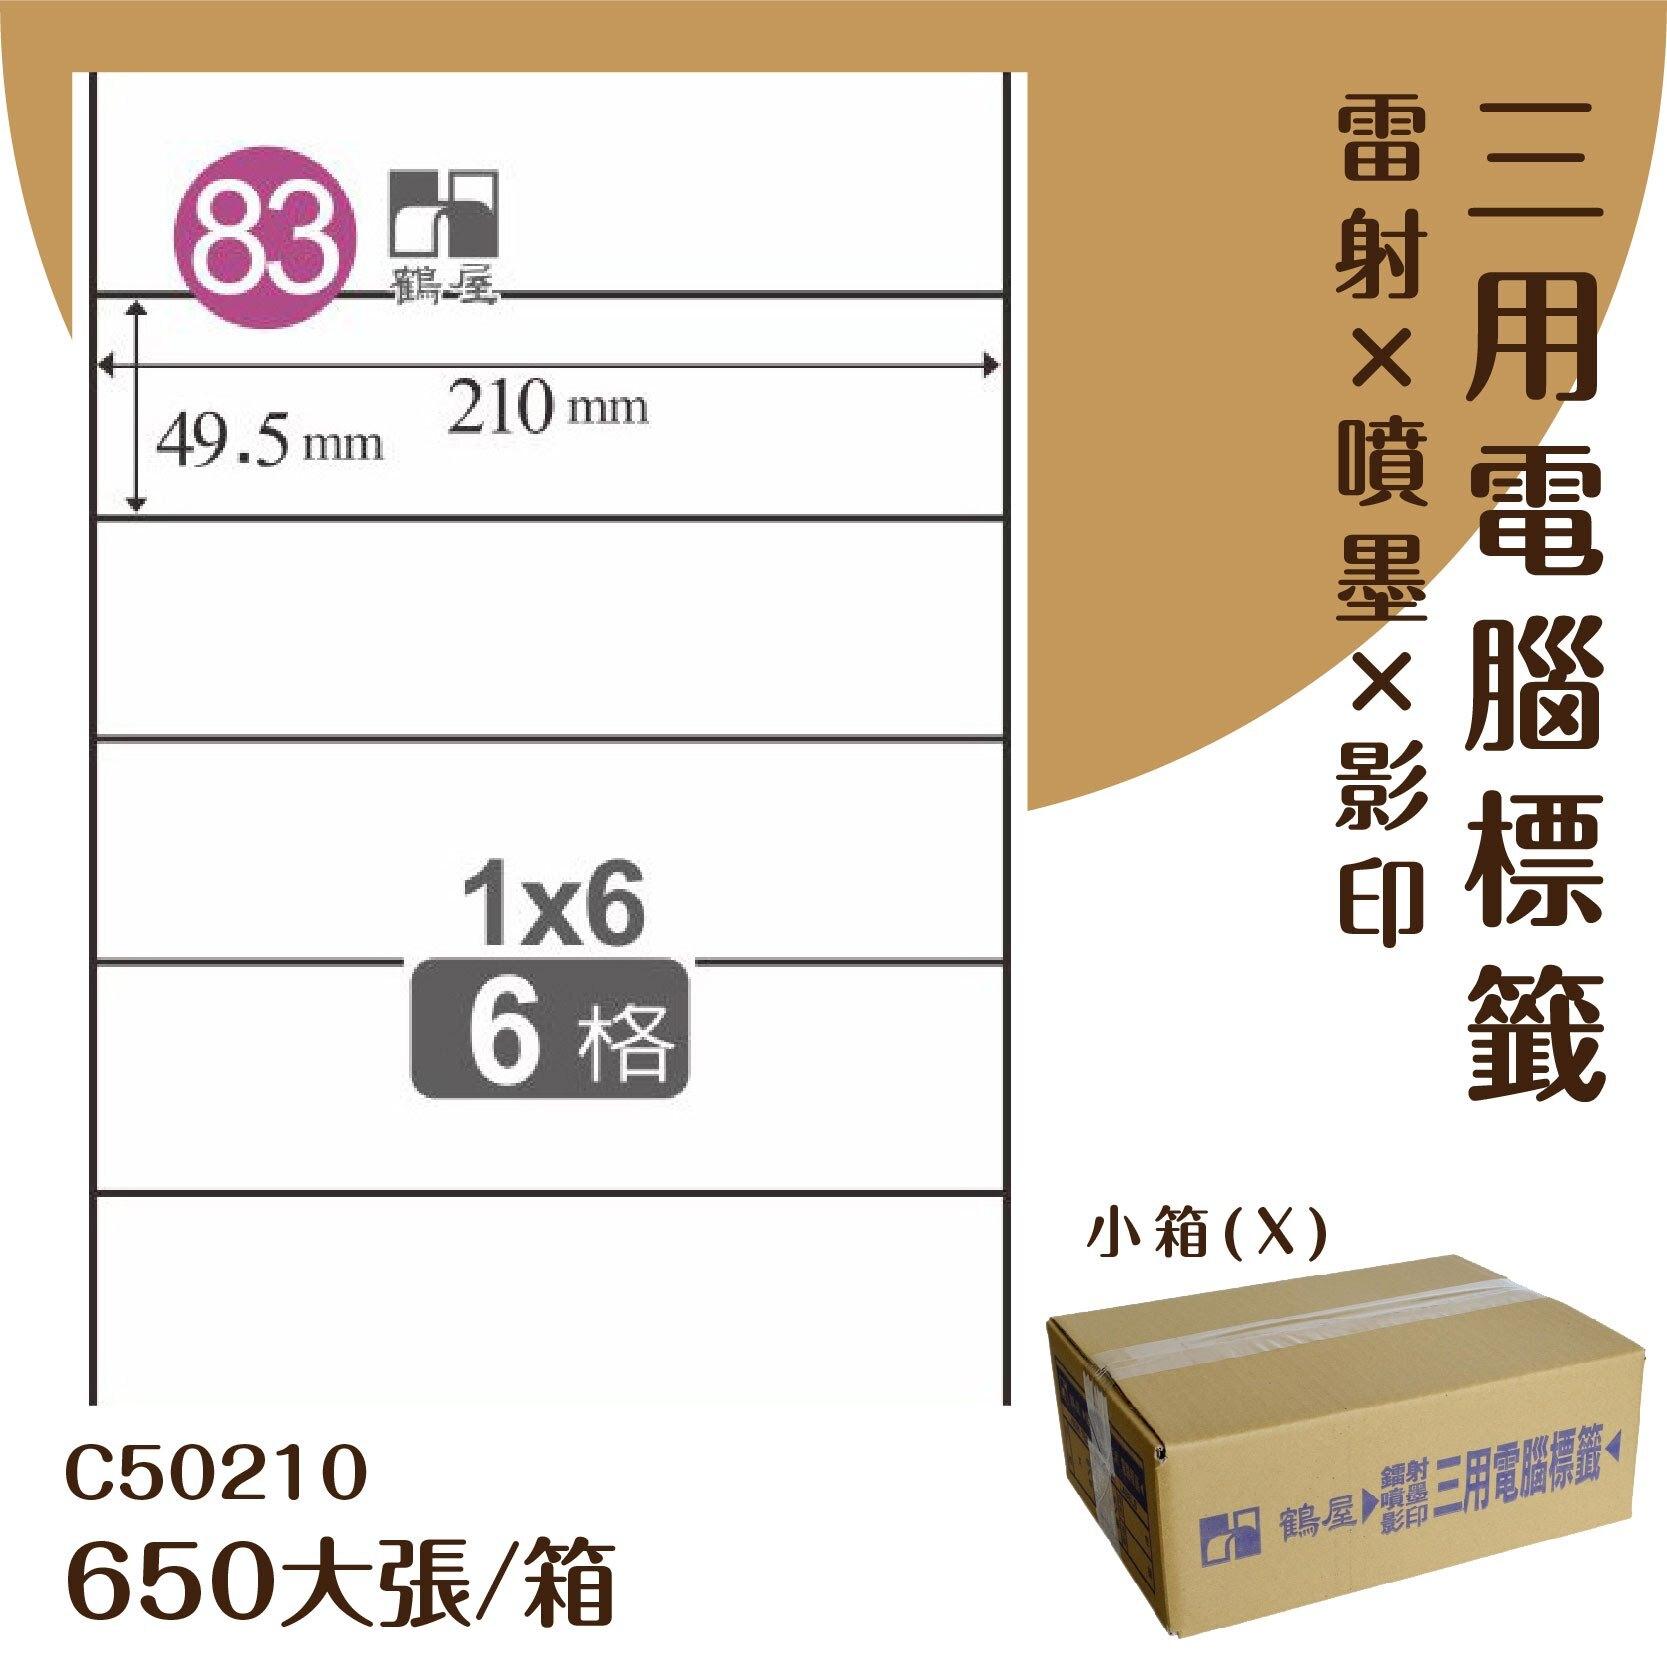 【優質好物】鶴屋 電腦標籤紙-白色 C50210 6格 650大張/小箱 (自黏貼紙/三用標籤/影印&雷射&噴墨)